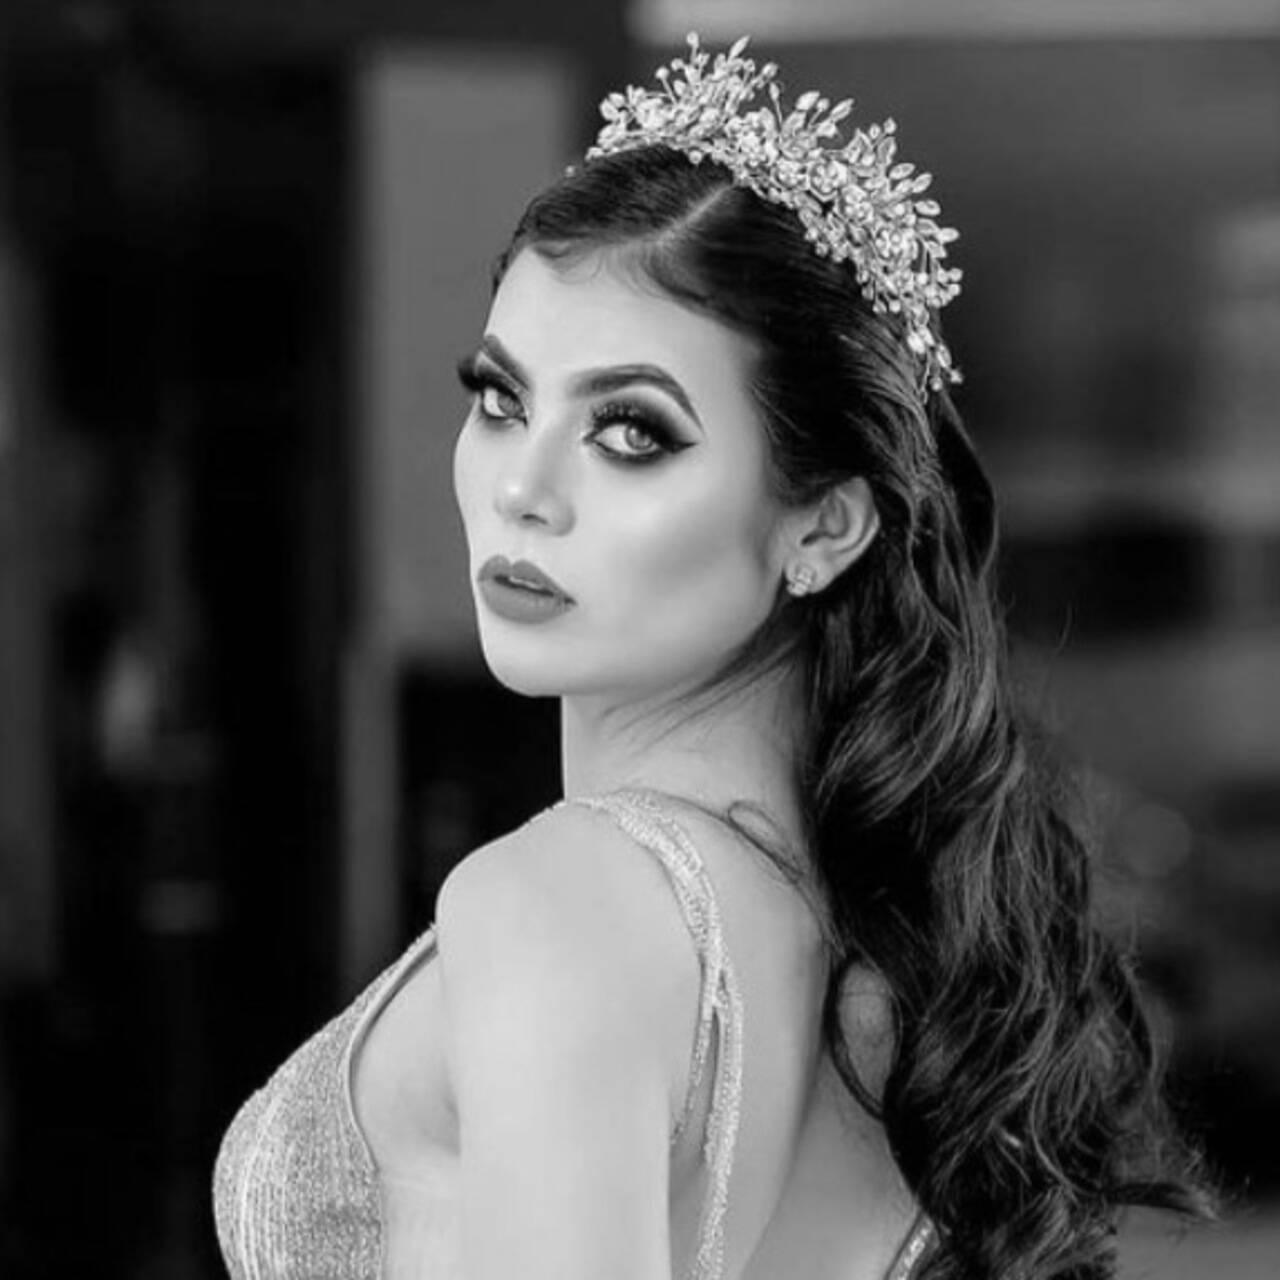 Участница «Мисс Мексика» умерла при загадочных обстоятельствах: Люди: Из  жизни: Lenta.ru